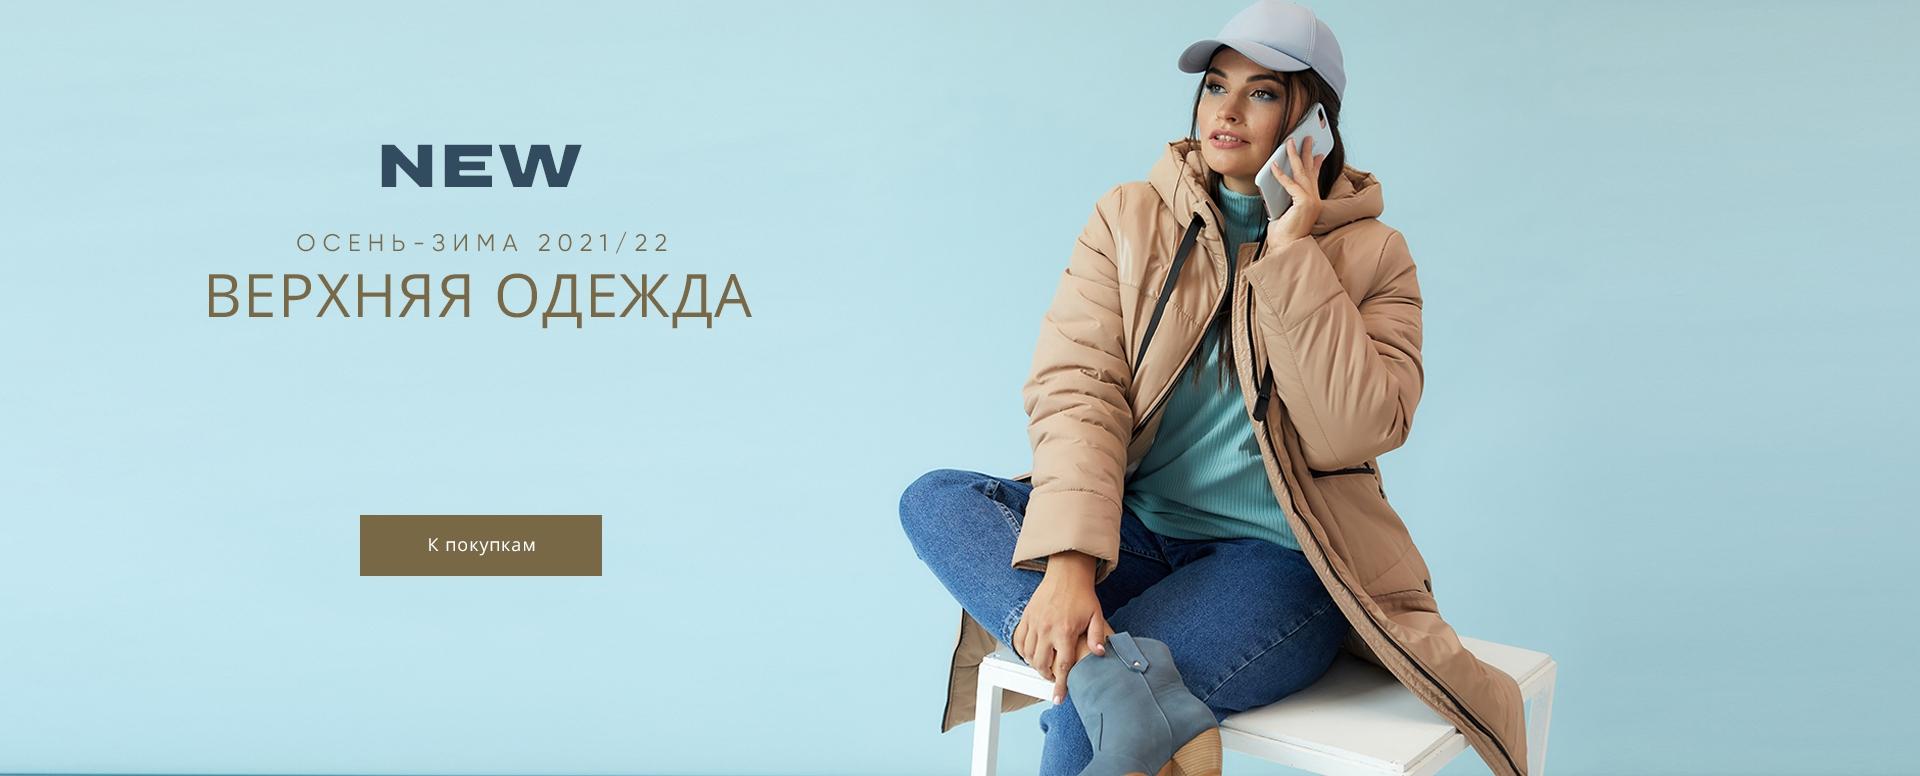 NEW Верхняя одежда Осень-Зима 2021/22